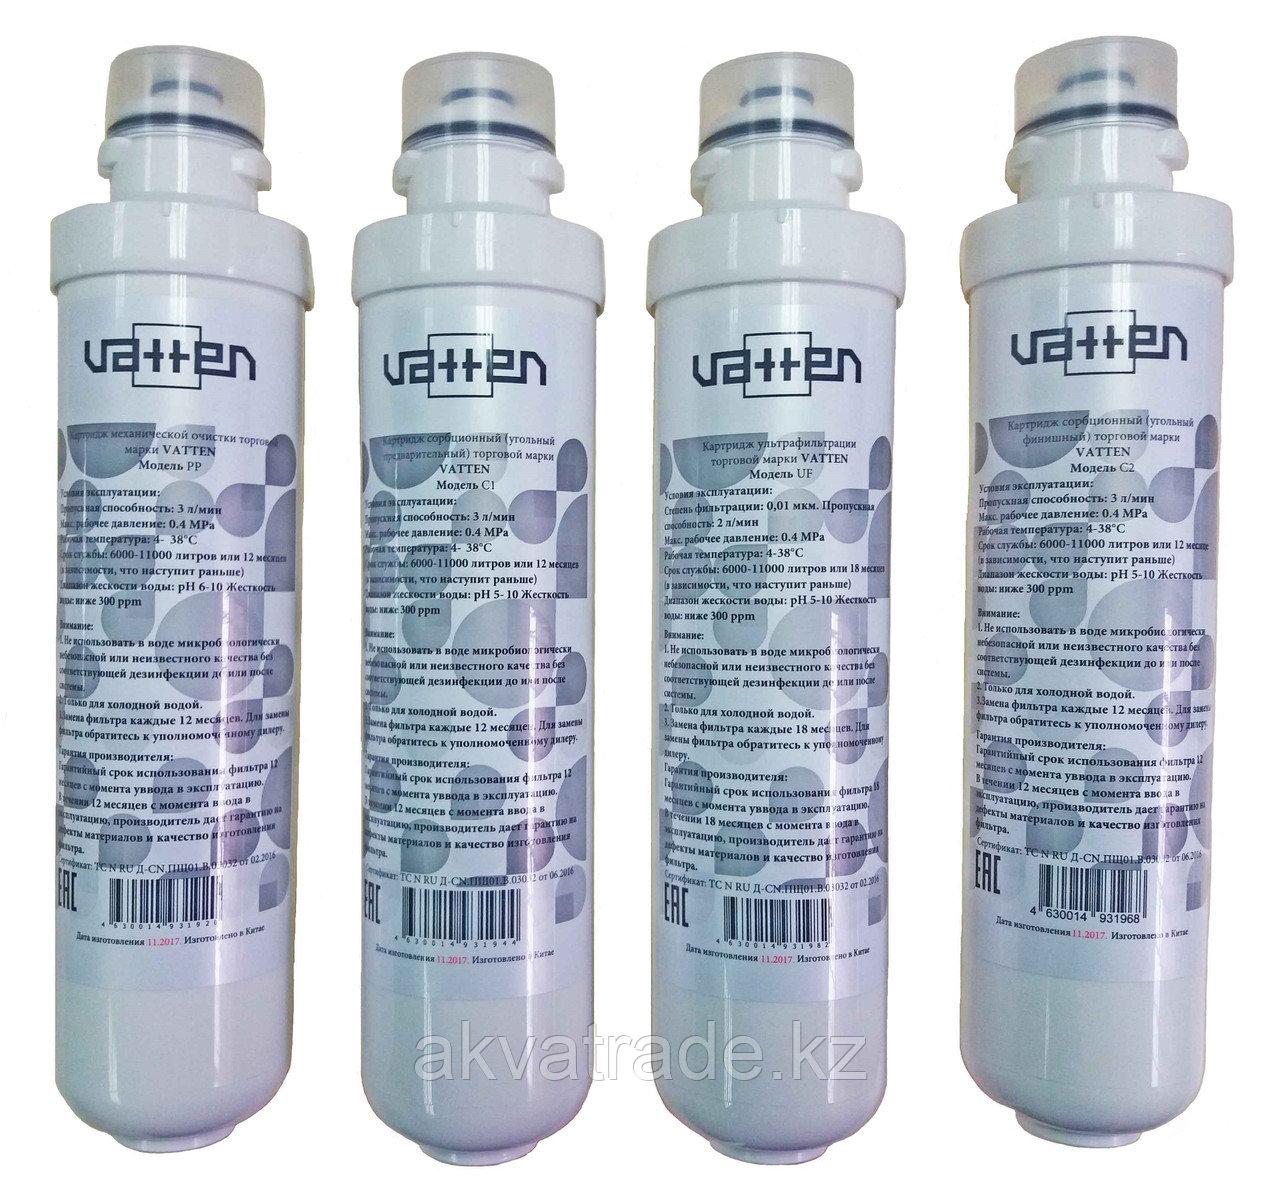 Комплект из 4-х сменных картриджей фильтрации VATTEN